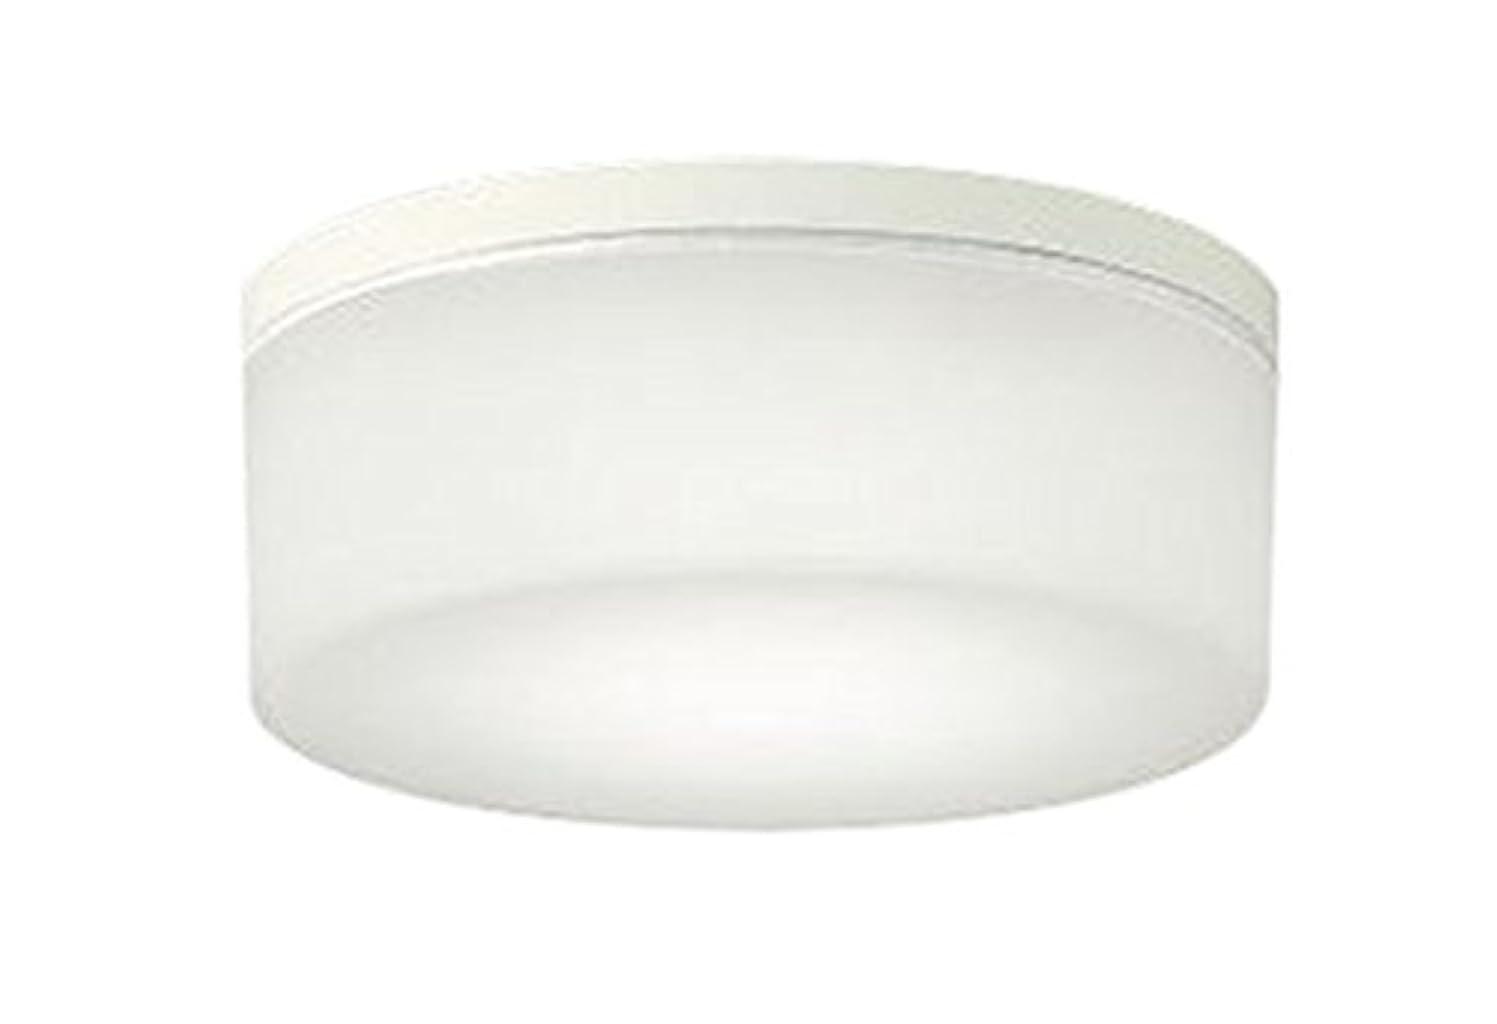 合唱団エンジンマーティンルーサーキングジュニアコイズミ照明 浴室灯 白熱球60W相当 昼白色 AU45038L